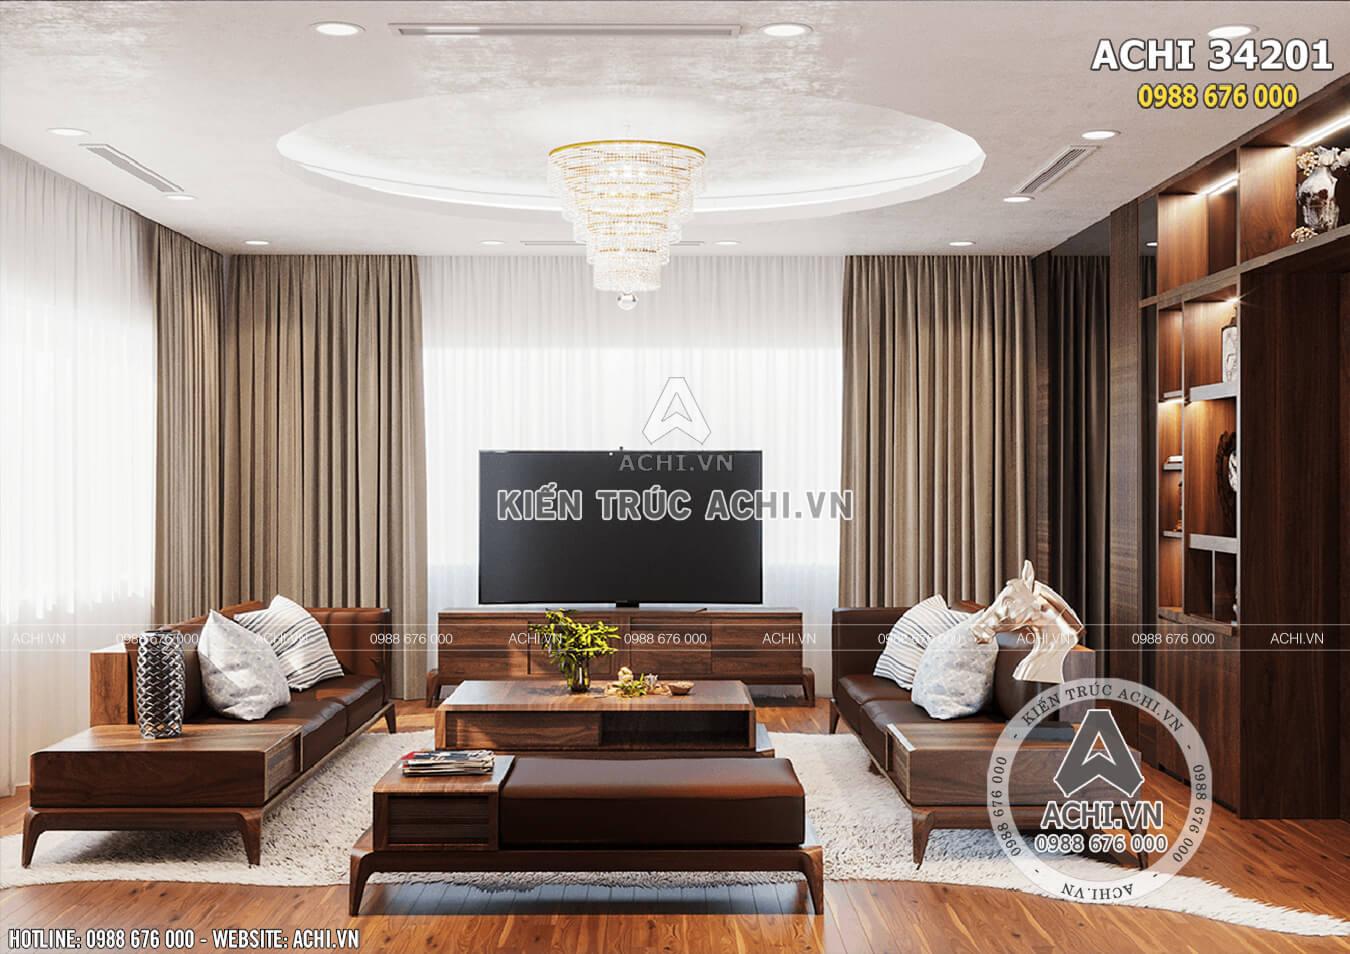 Nội thất phòng khách với phong cách hiện đại